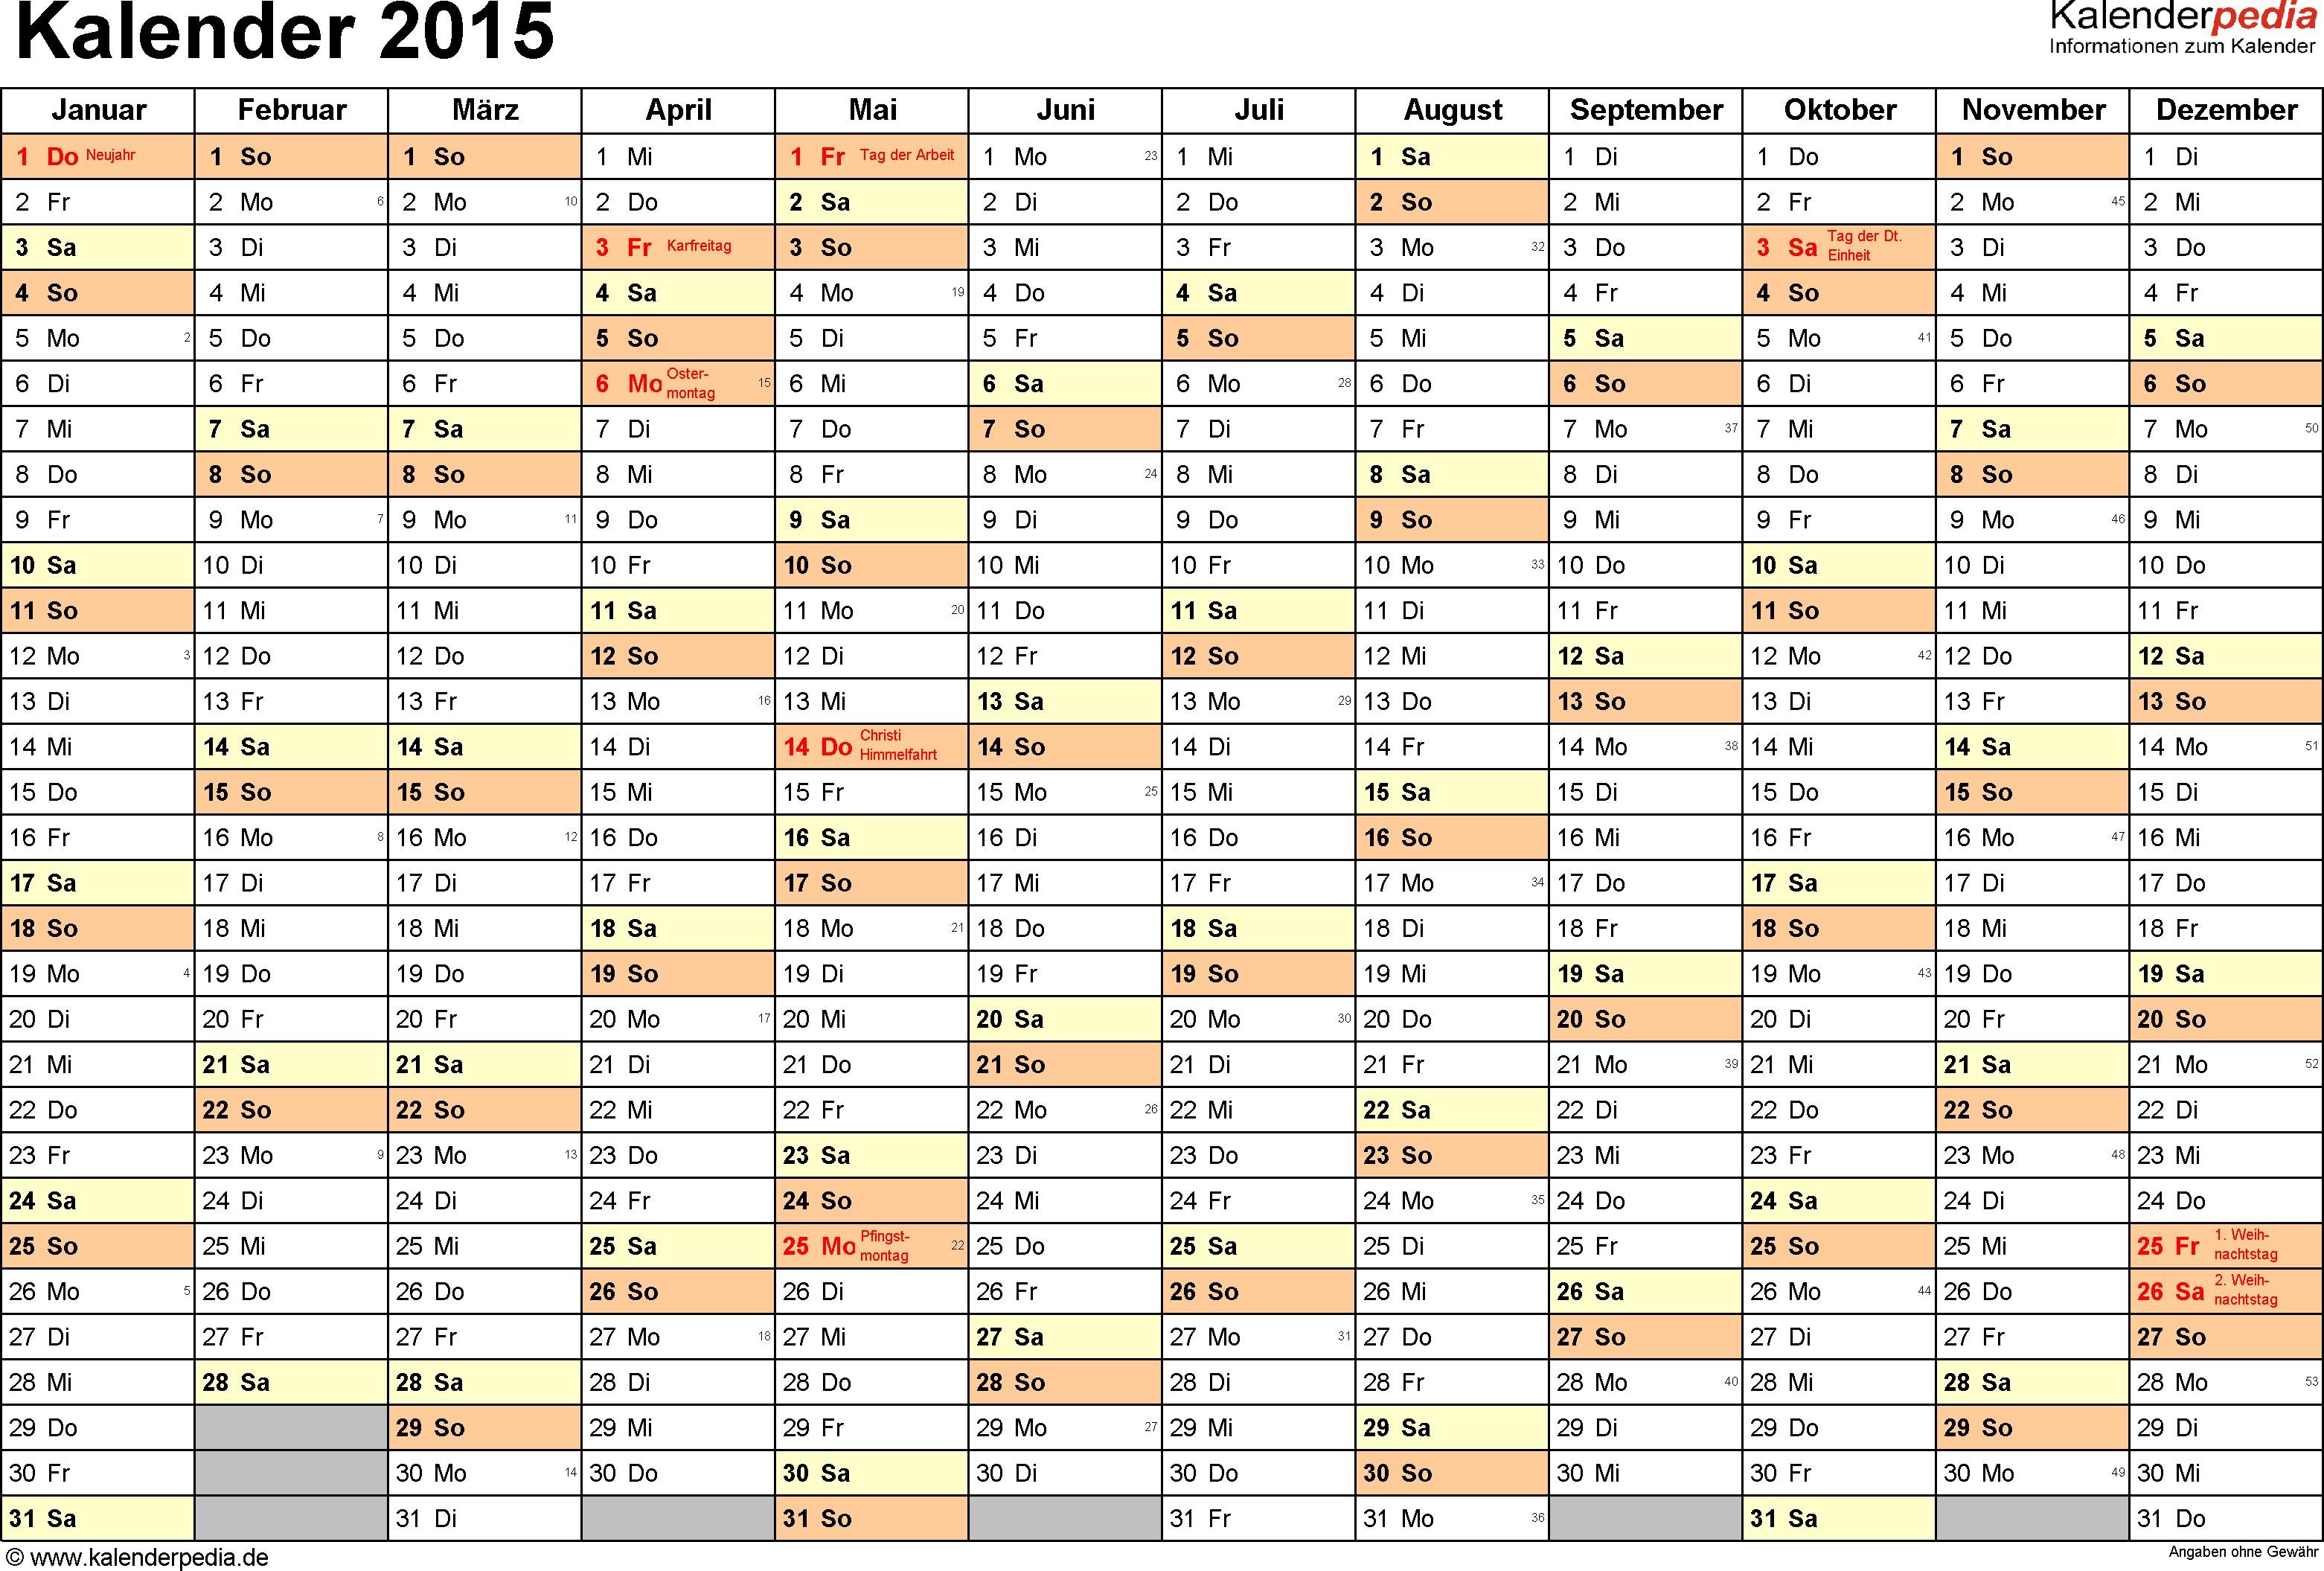 Imprimir Calendario 2019 Outlook Actual Kalender Bilder Drucken Of Imprimir Calendario 2019 Outlook Más Arriba-a-fecha Get where is Dice now Microsoft Store